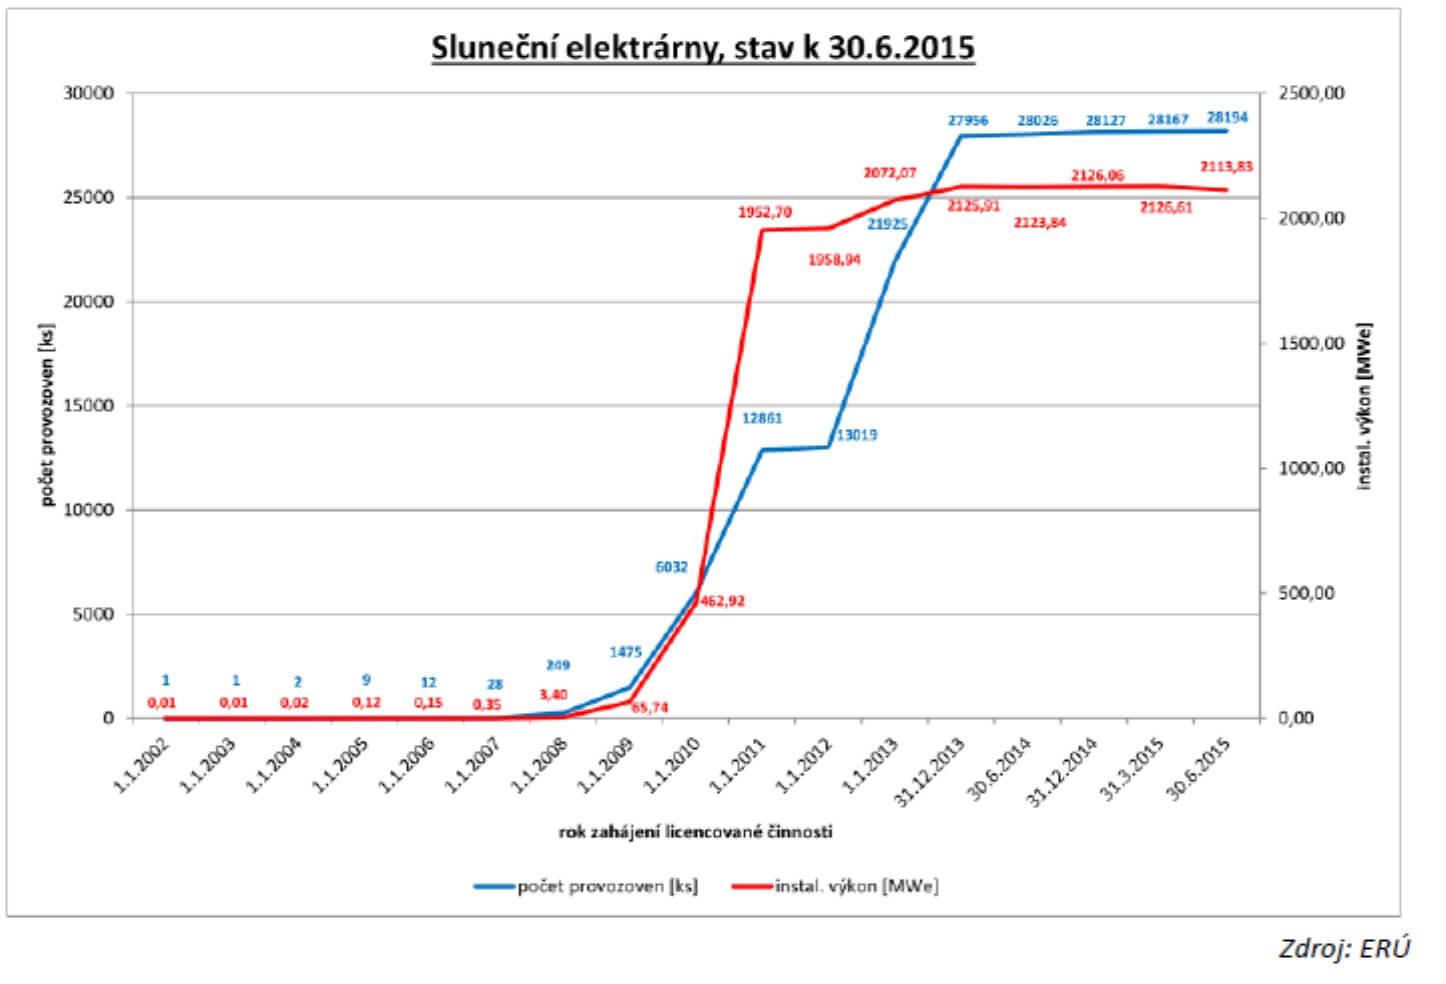 Průběh instalace fotovoltaických zdrojů v České republice (zdroj ERÚ, studie ENACO)